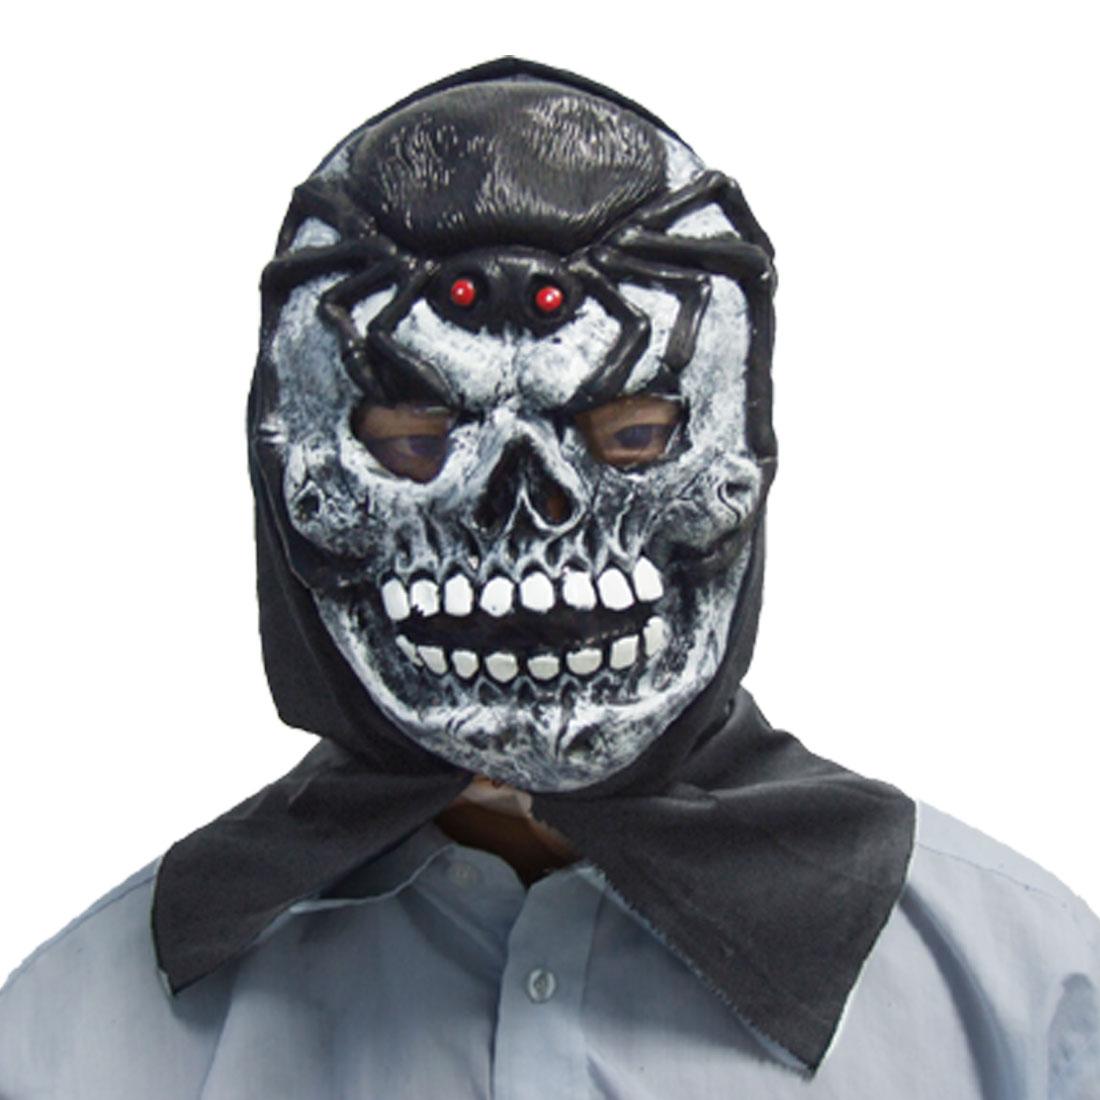 Evil Spider Satanic Face Skull Halloween Mask